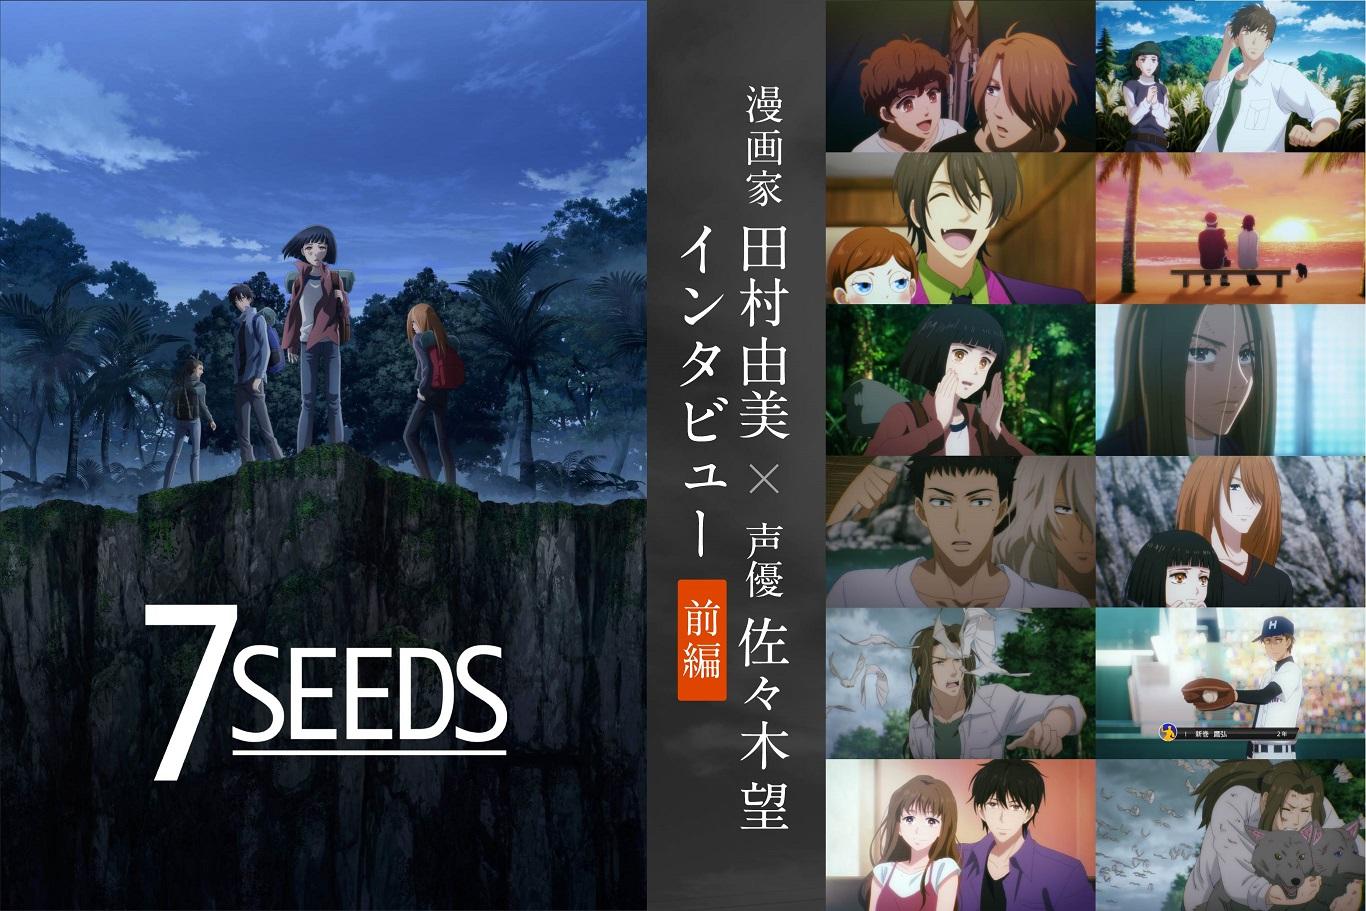 今こそ『7SEEDS』を語り尽くそう——漫画家・田村由美×声優・佐々木望、初対談